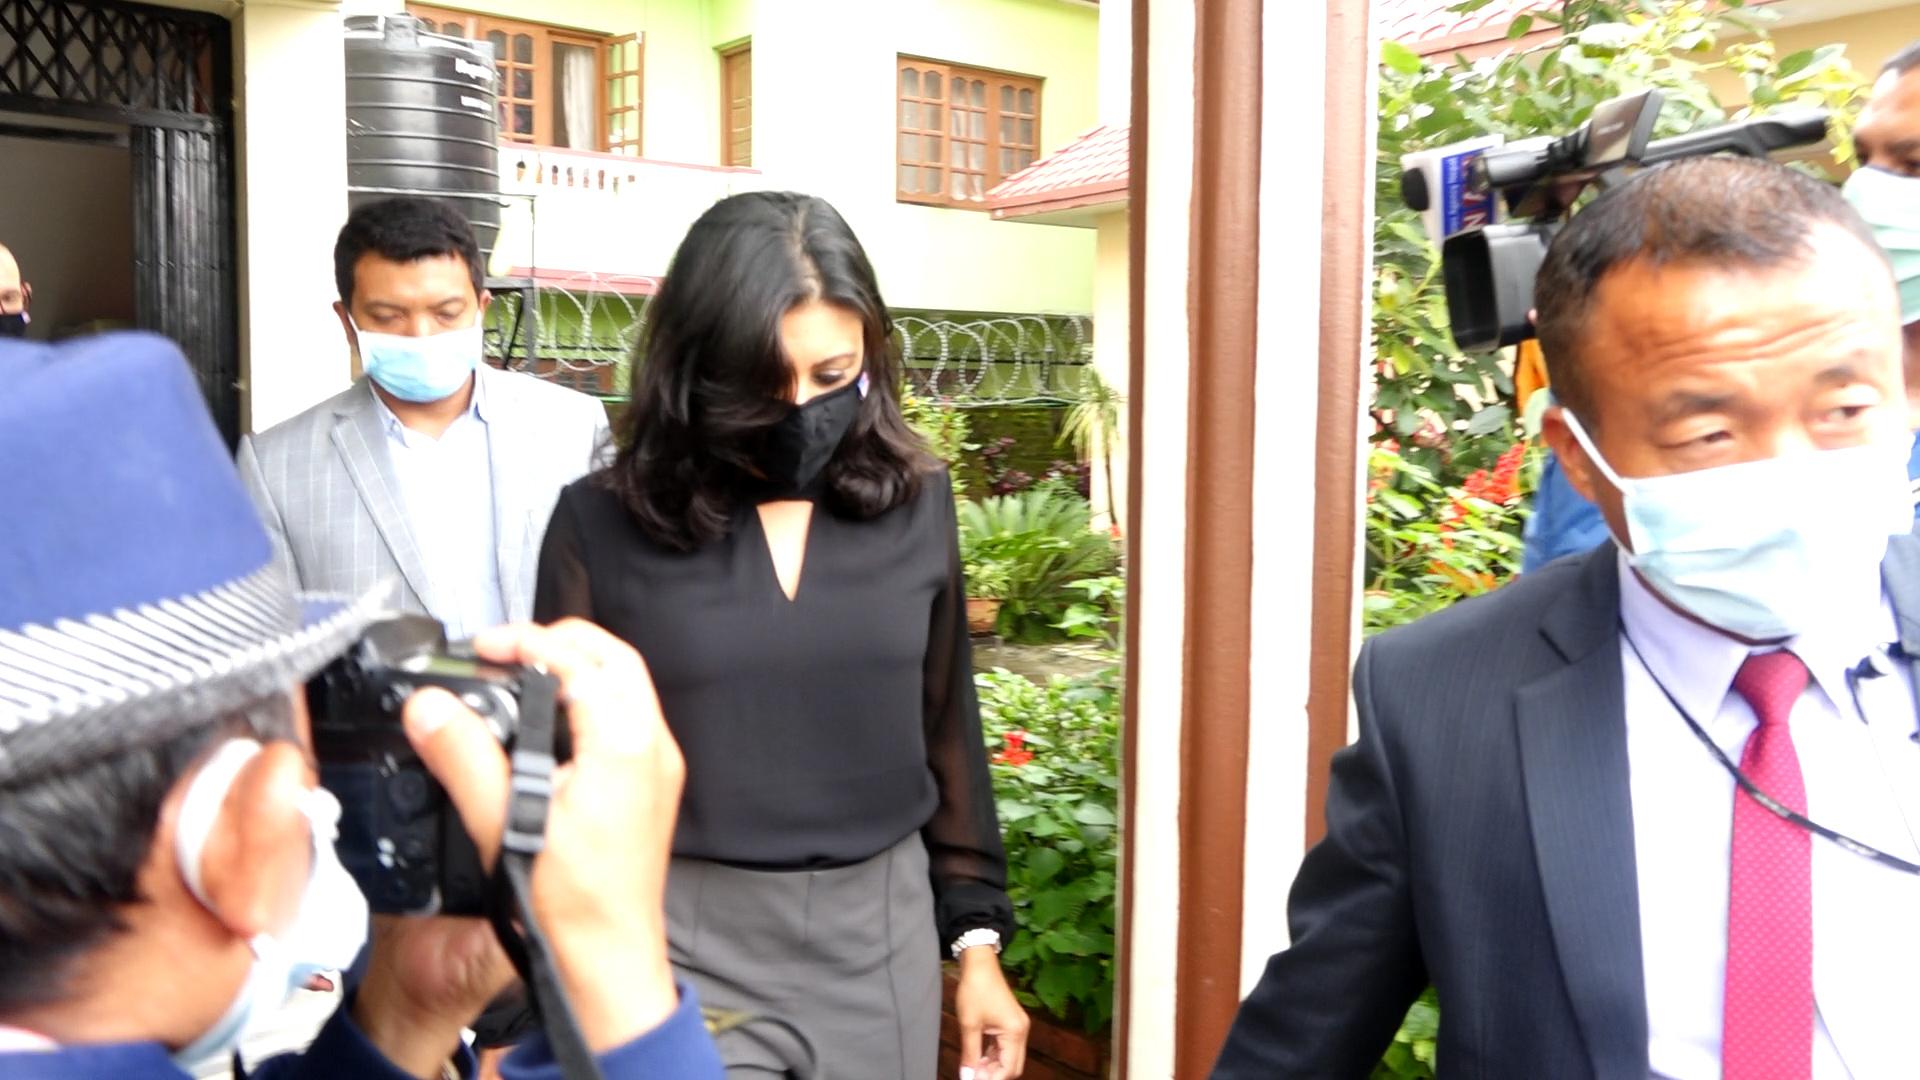 एमसीसीकी उपाध्यक्ष फातिमा बसेको मेरियट होटलमै पुग्यो स्वागत नेपालको टोली